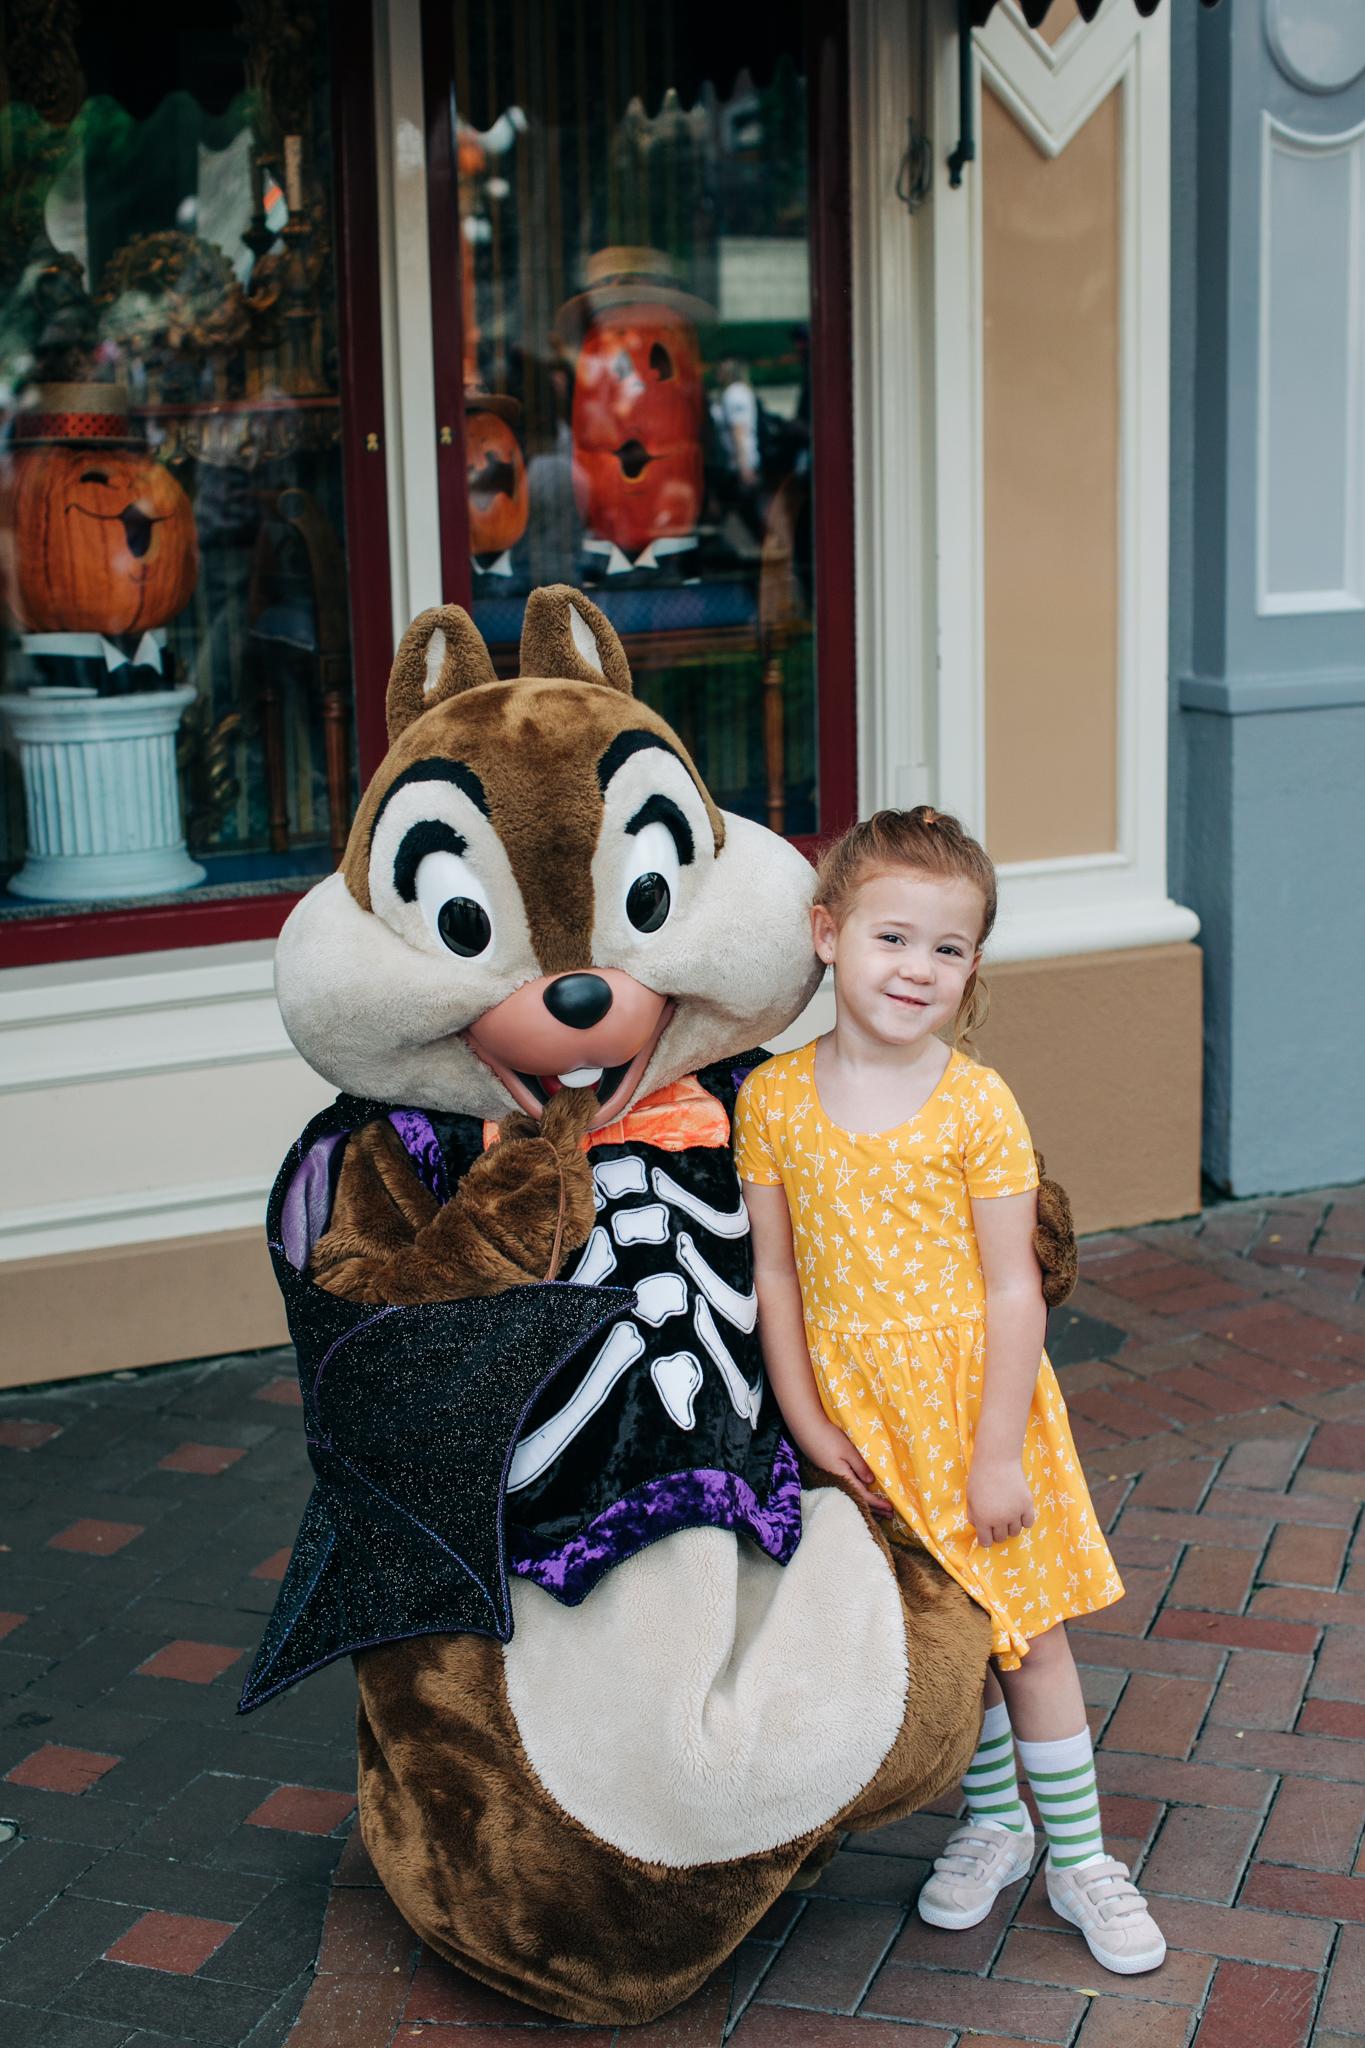 BabyBoyBakery_Disneyland_LilyRo-4.jpg